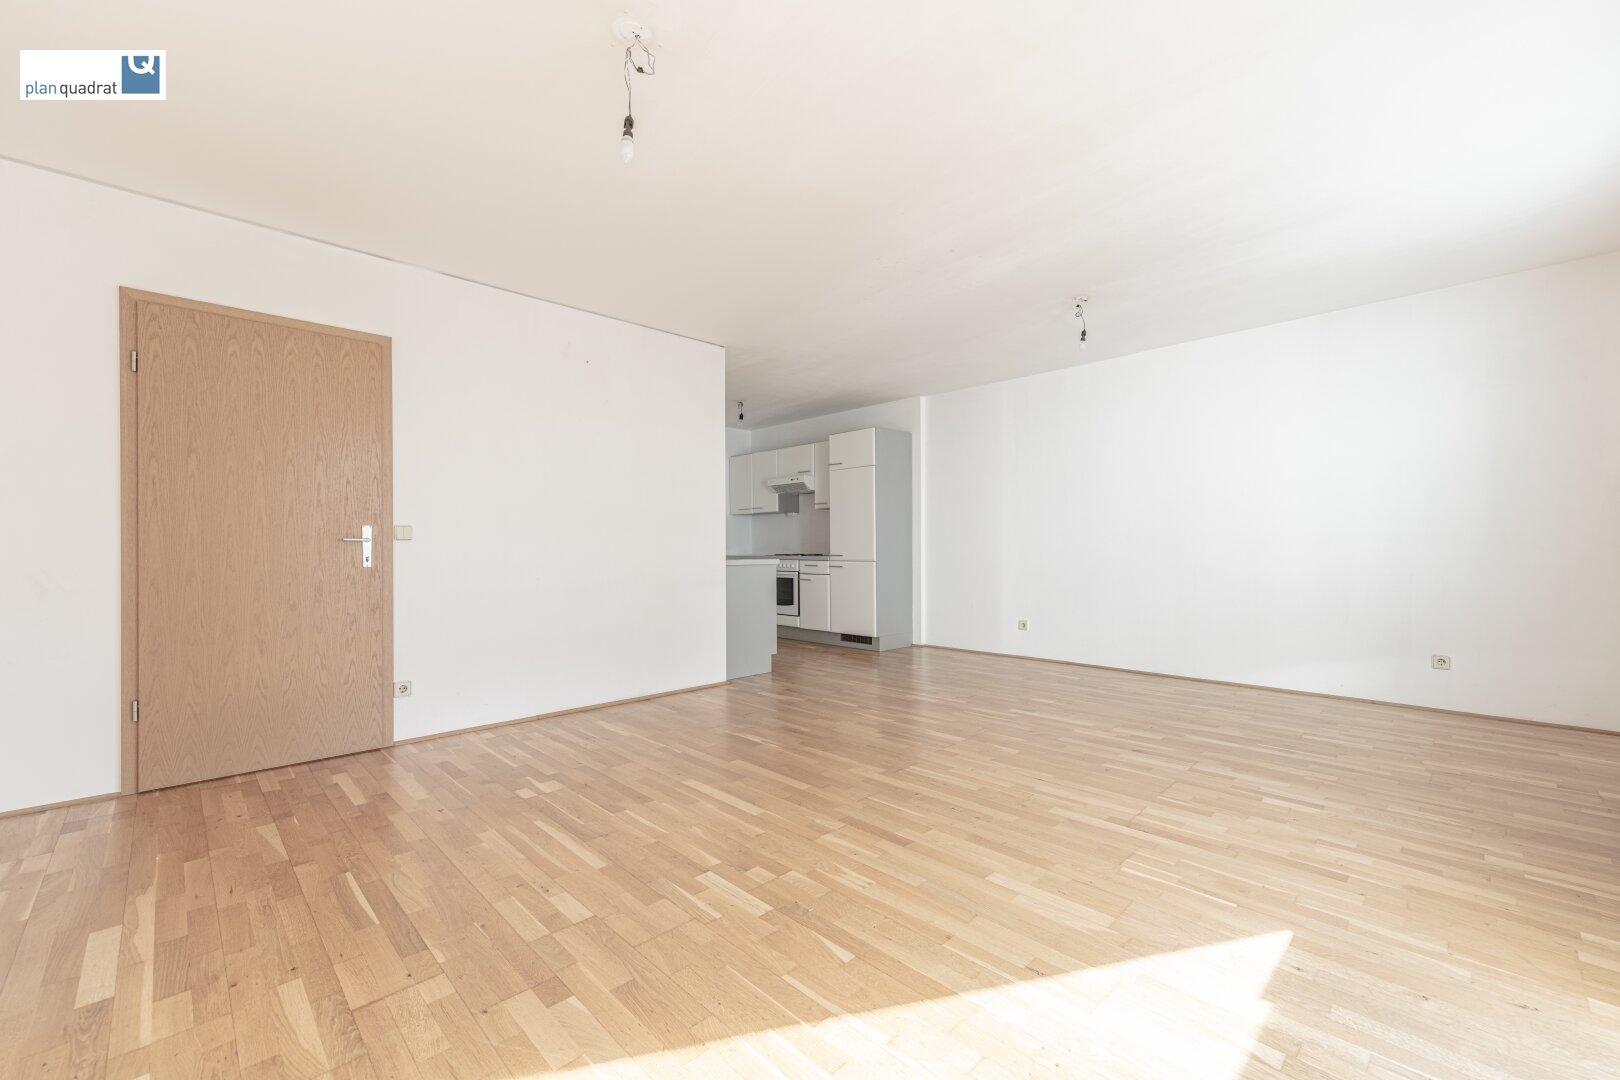 """Wohn- / Schlafzimmer (ca. 26,70 m²) mit """"Kochnische"""" (ca. 6,00 m²)"""